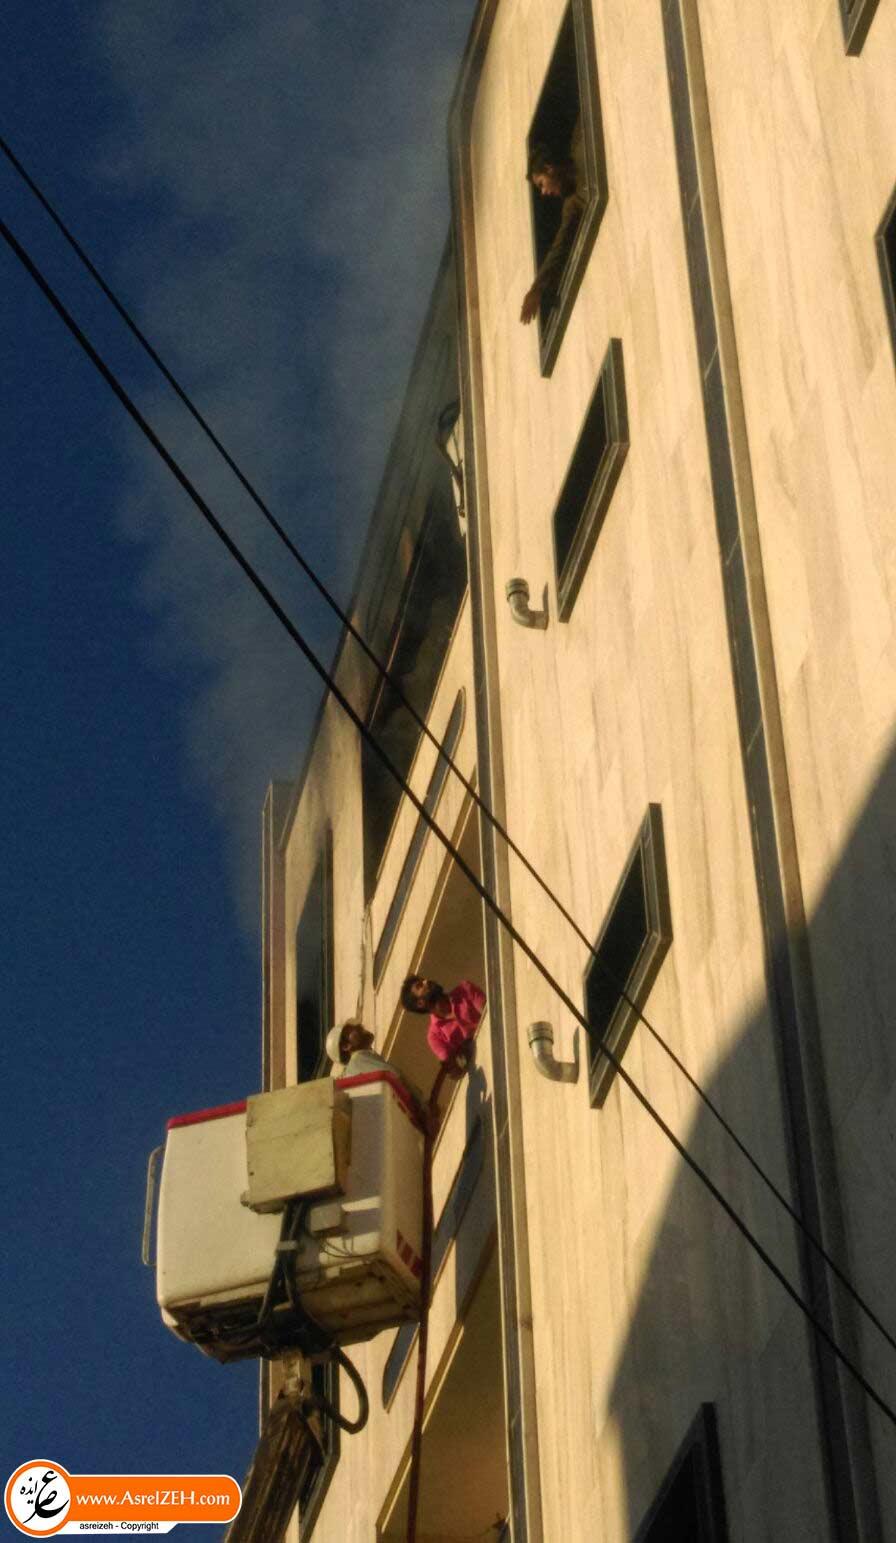 آتش سوزی آپارتمانی در ایذه یک پزشک را به کام مرگ کشاند + تصاویر